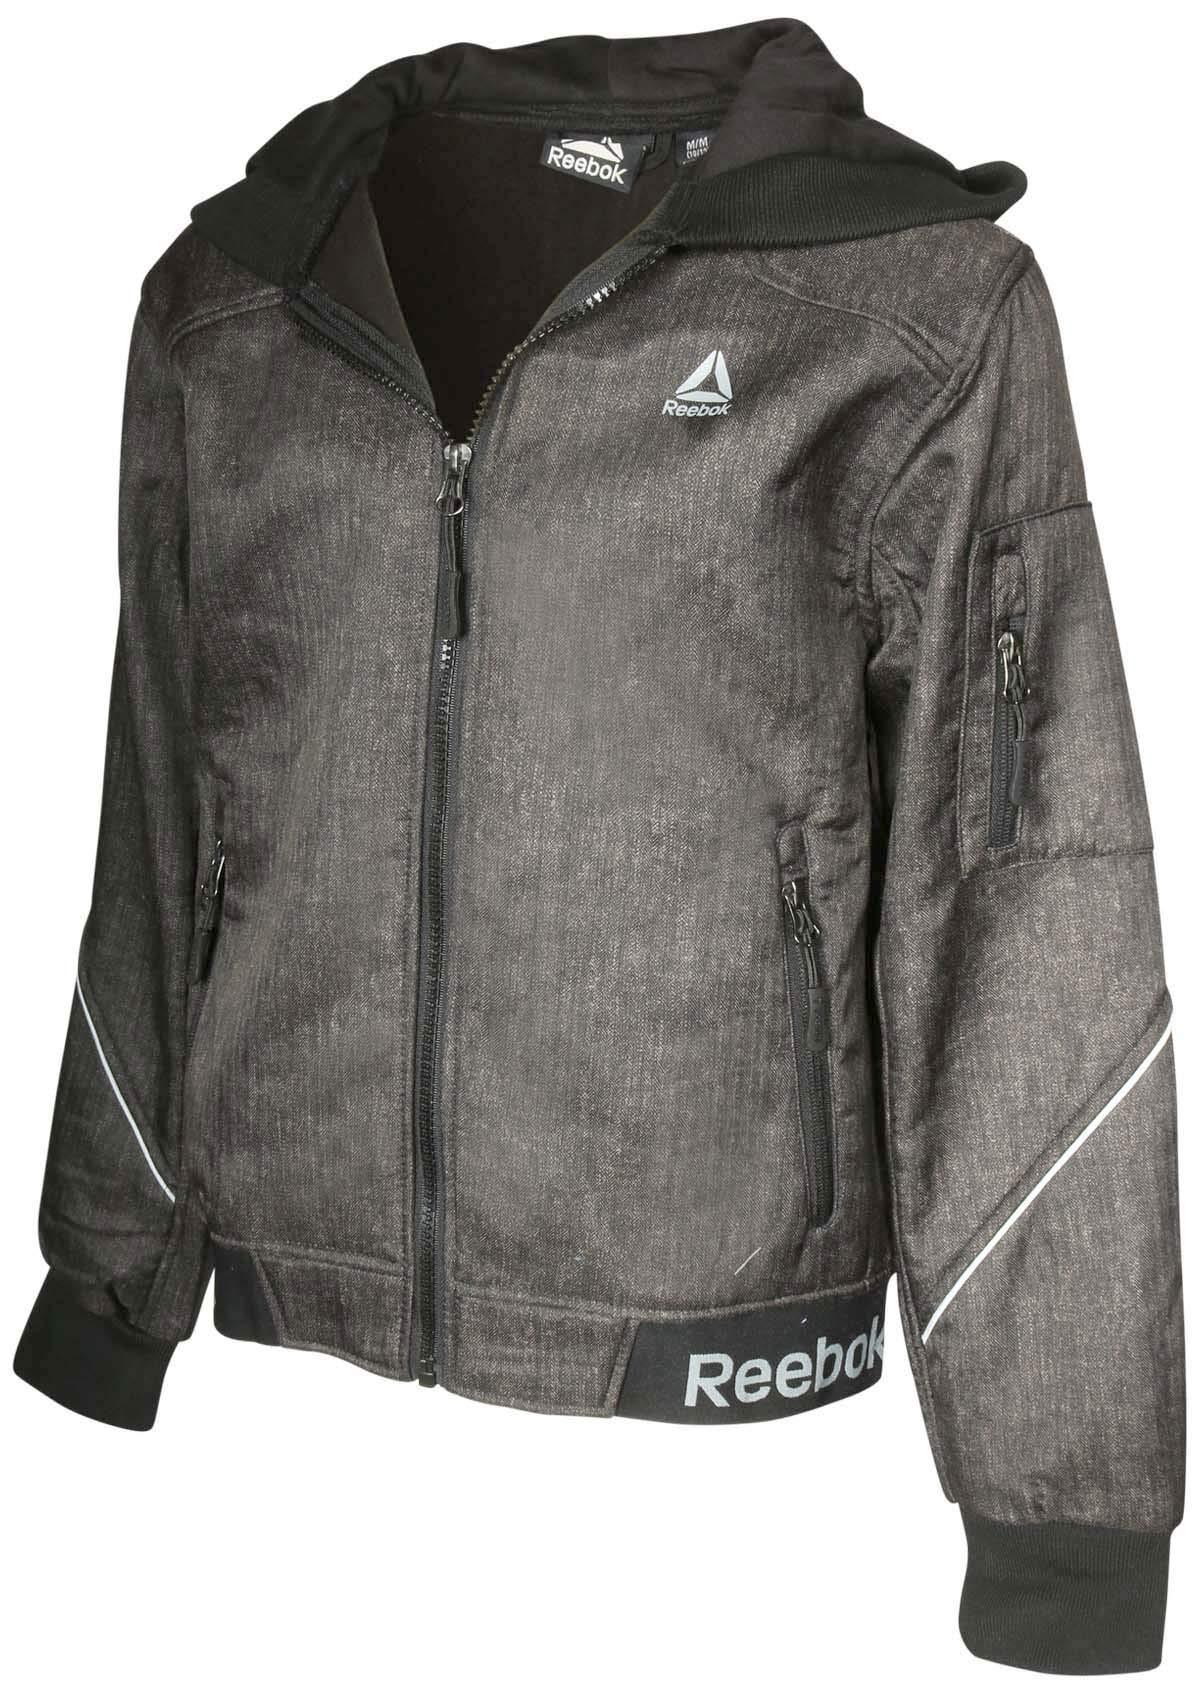 Reebok Boys Soft Shell Fleece Lined Full Zip Jacket, Heather Black/Hood, Size 18/20'